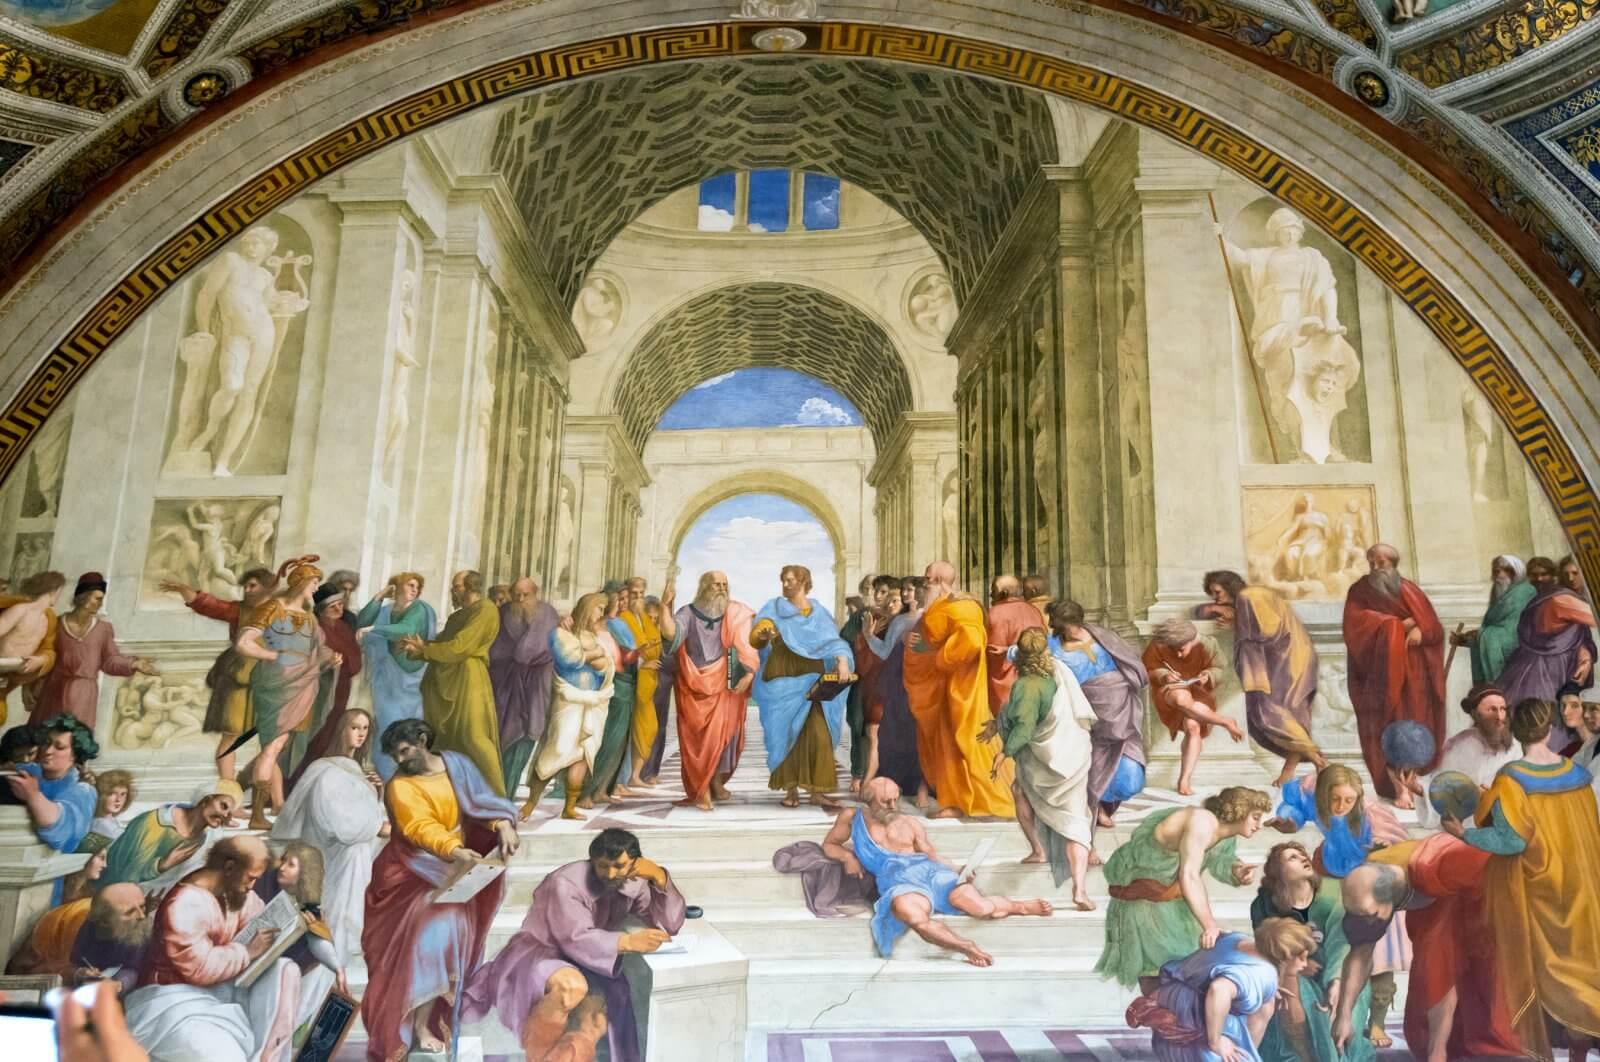 Atina Okulu, İtalyan ressam Raffaello Sanzio tarafından 1509-1511 yılları arasında yapılmış fresk